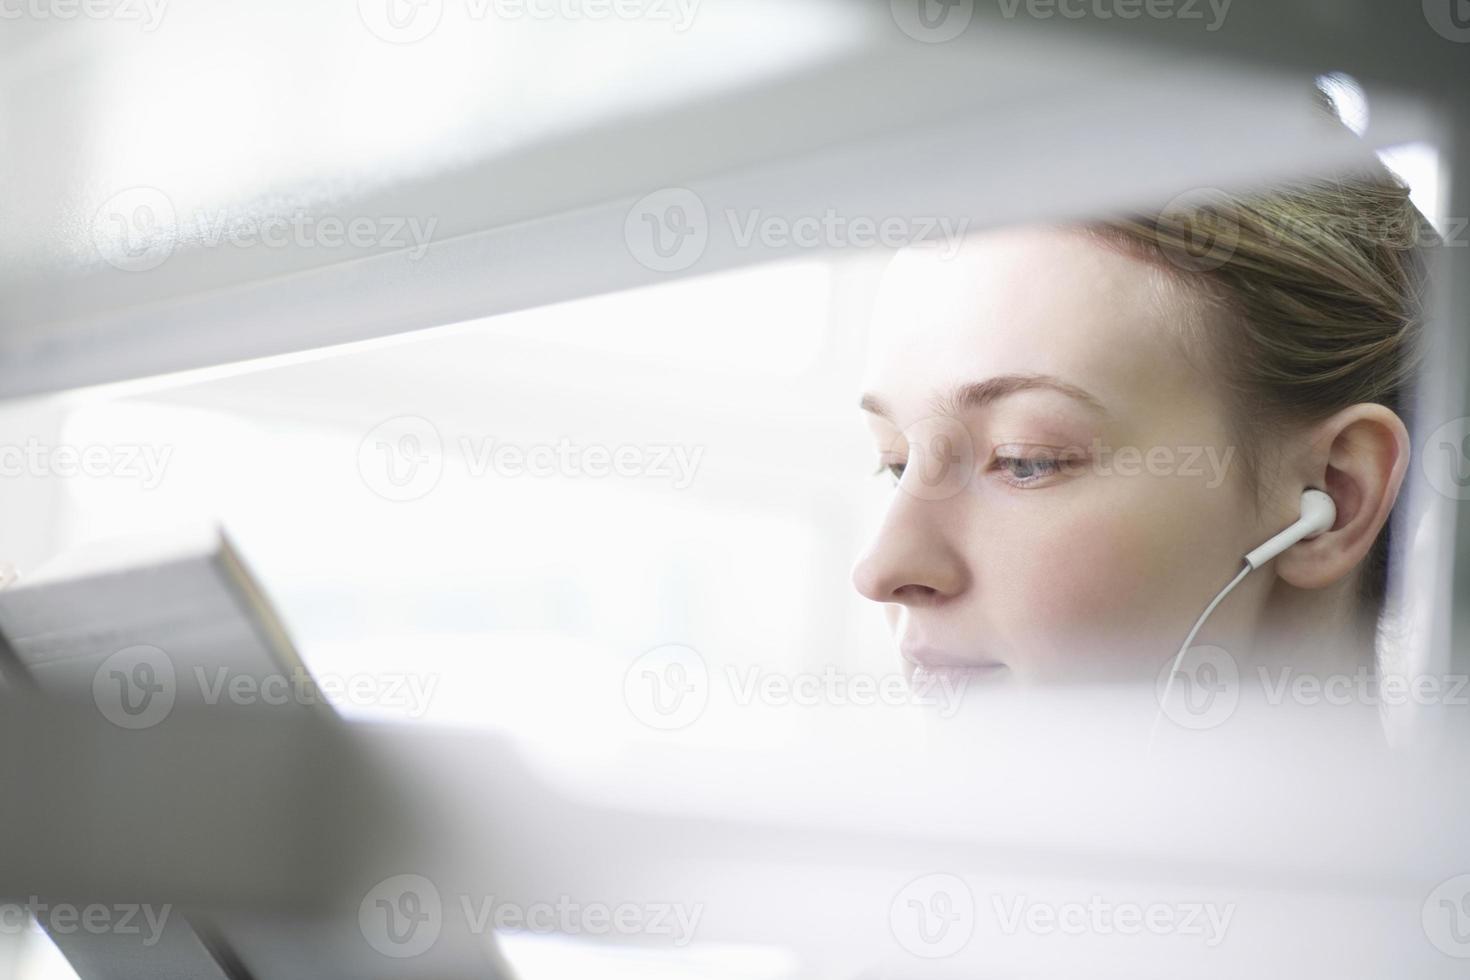 kvinna läser bok medan du lyssnar på musik foto